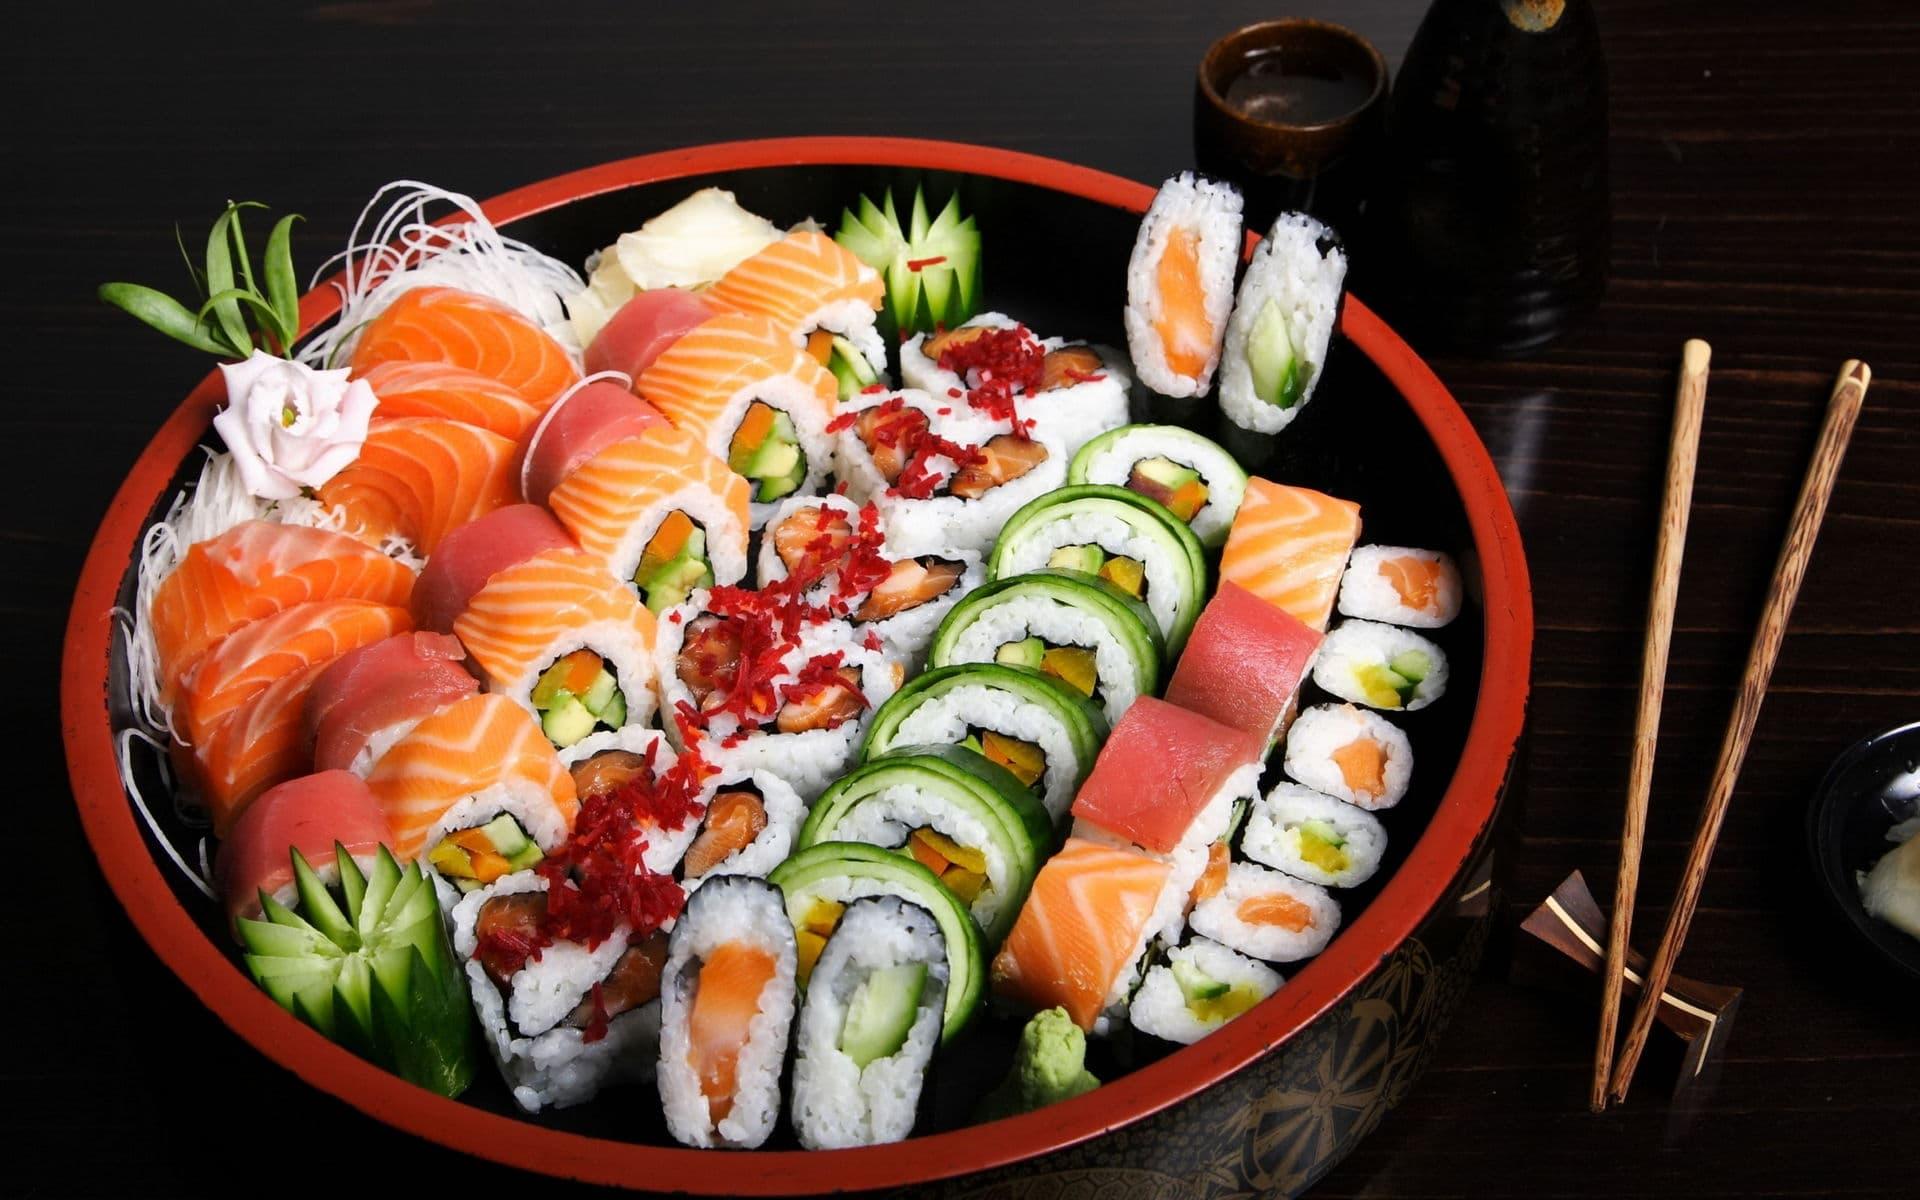 preimushhestva-setov-sushi-01 (1)